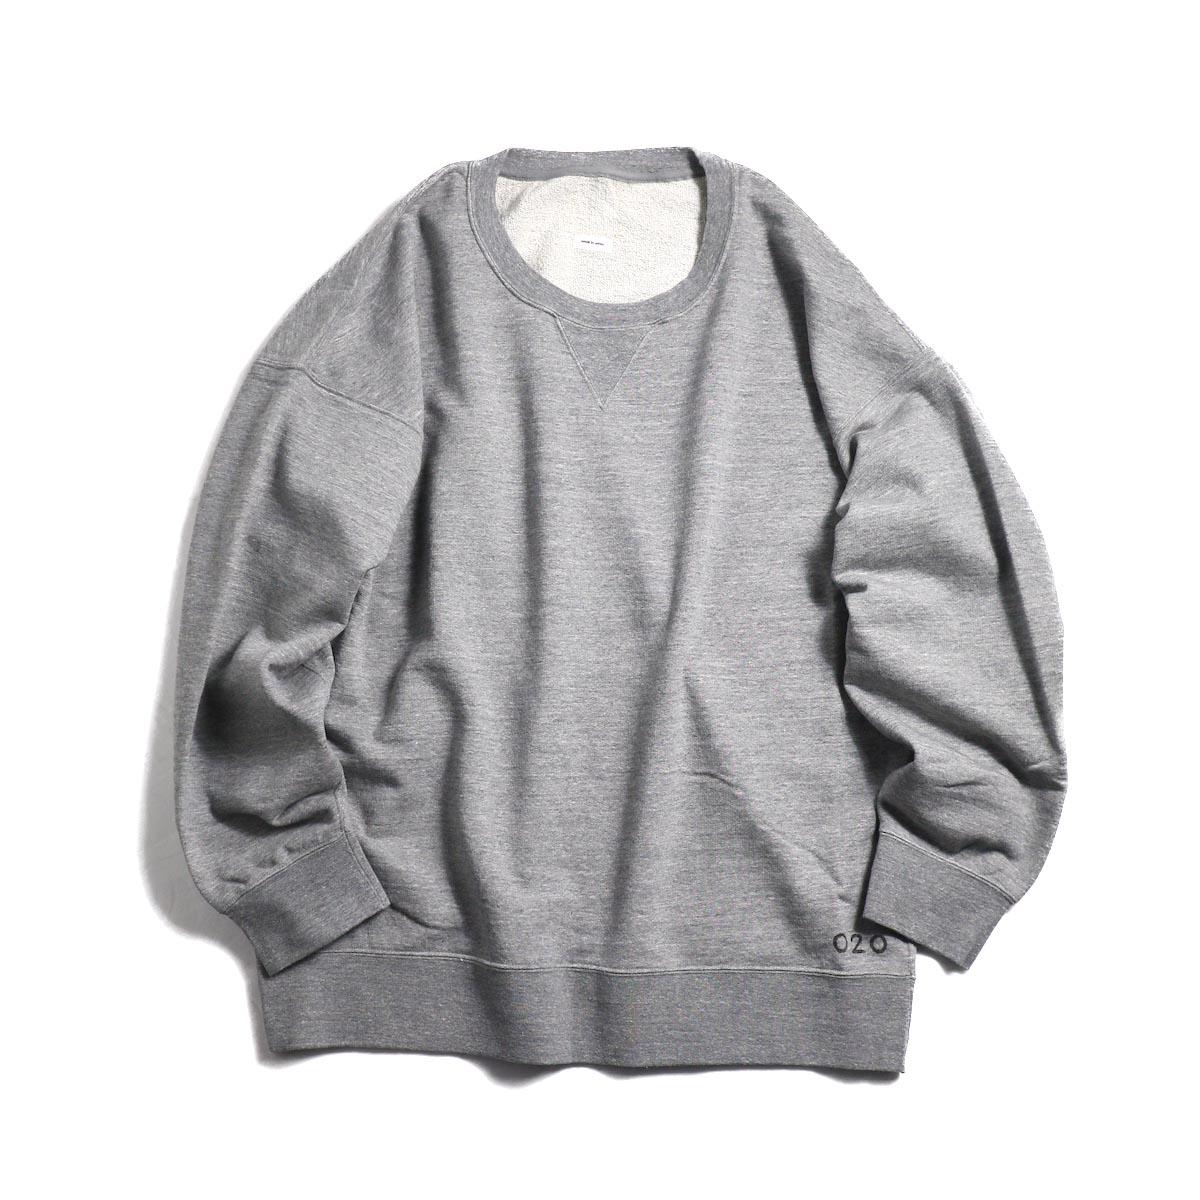 visvim / JUMBO SWEAT L/S (HAND NUMBERING) -Gray